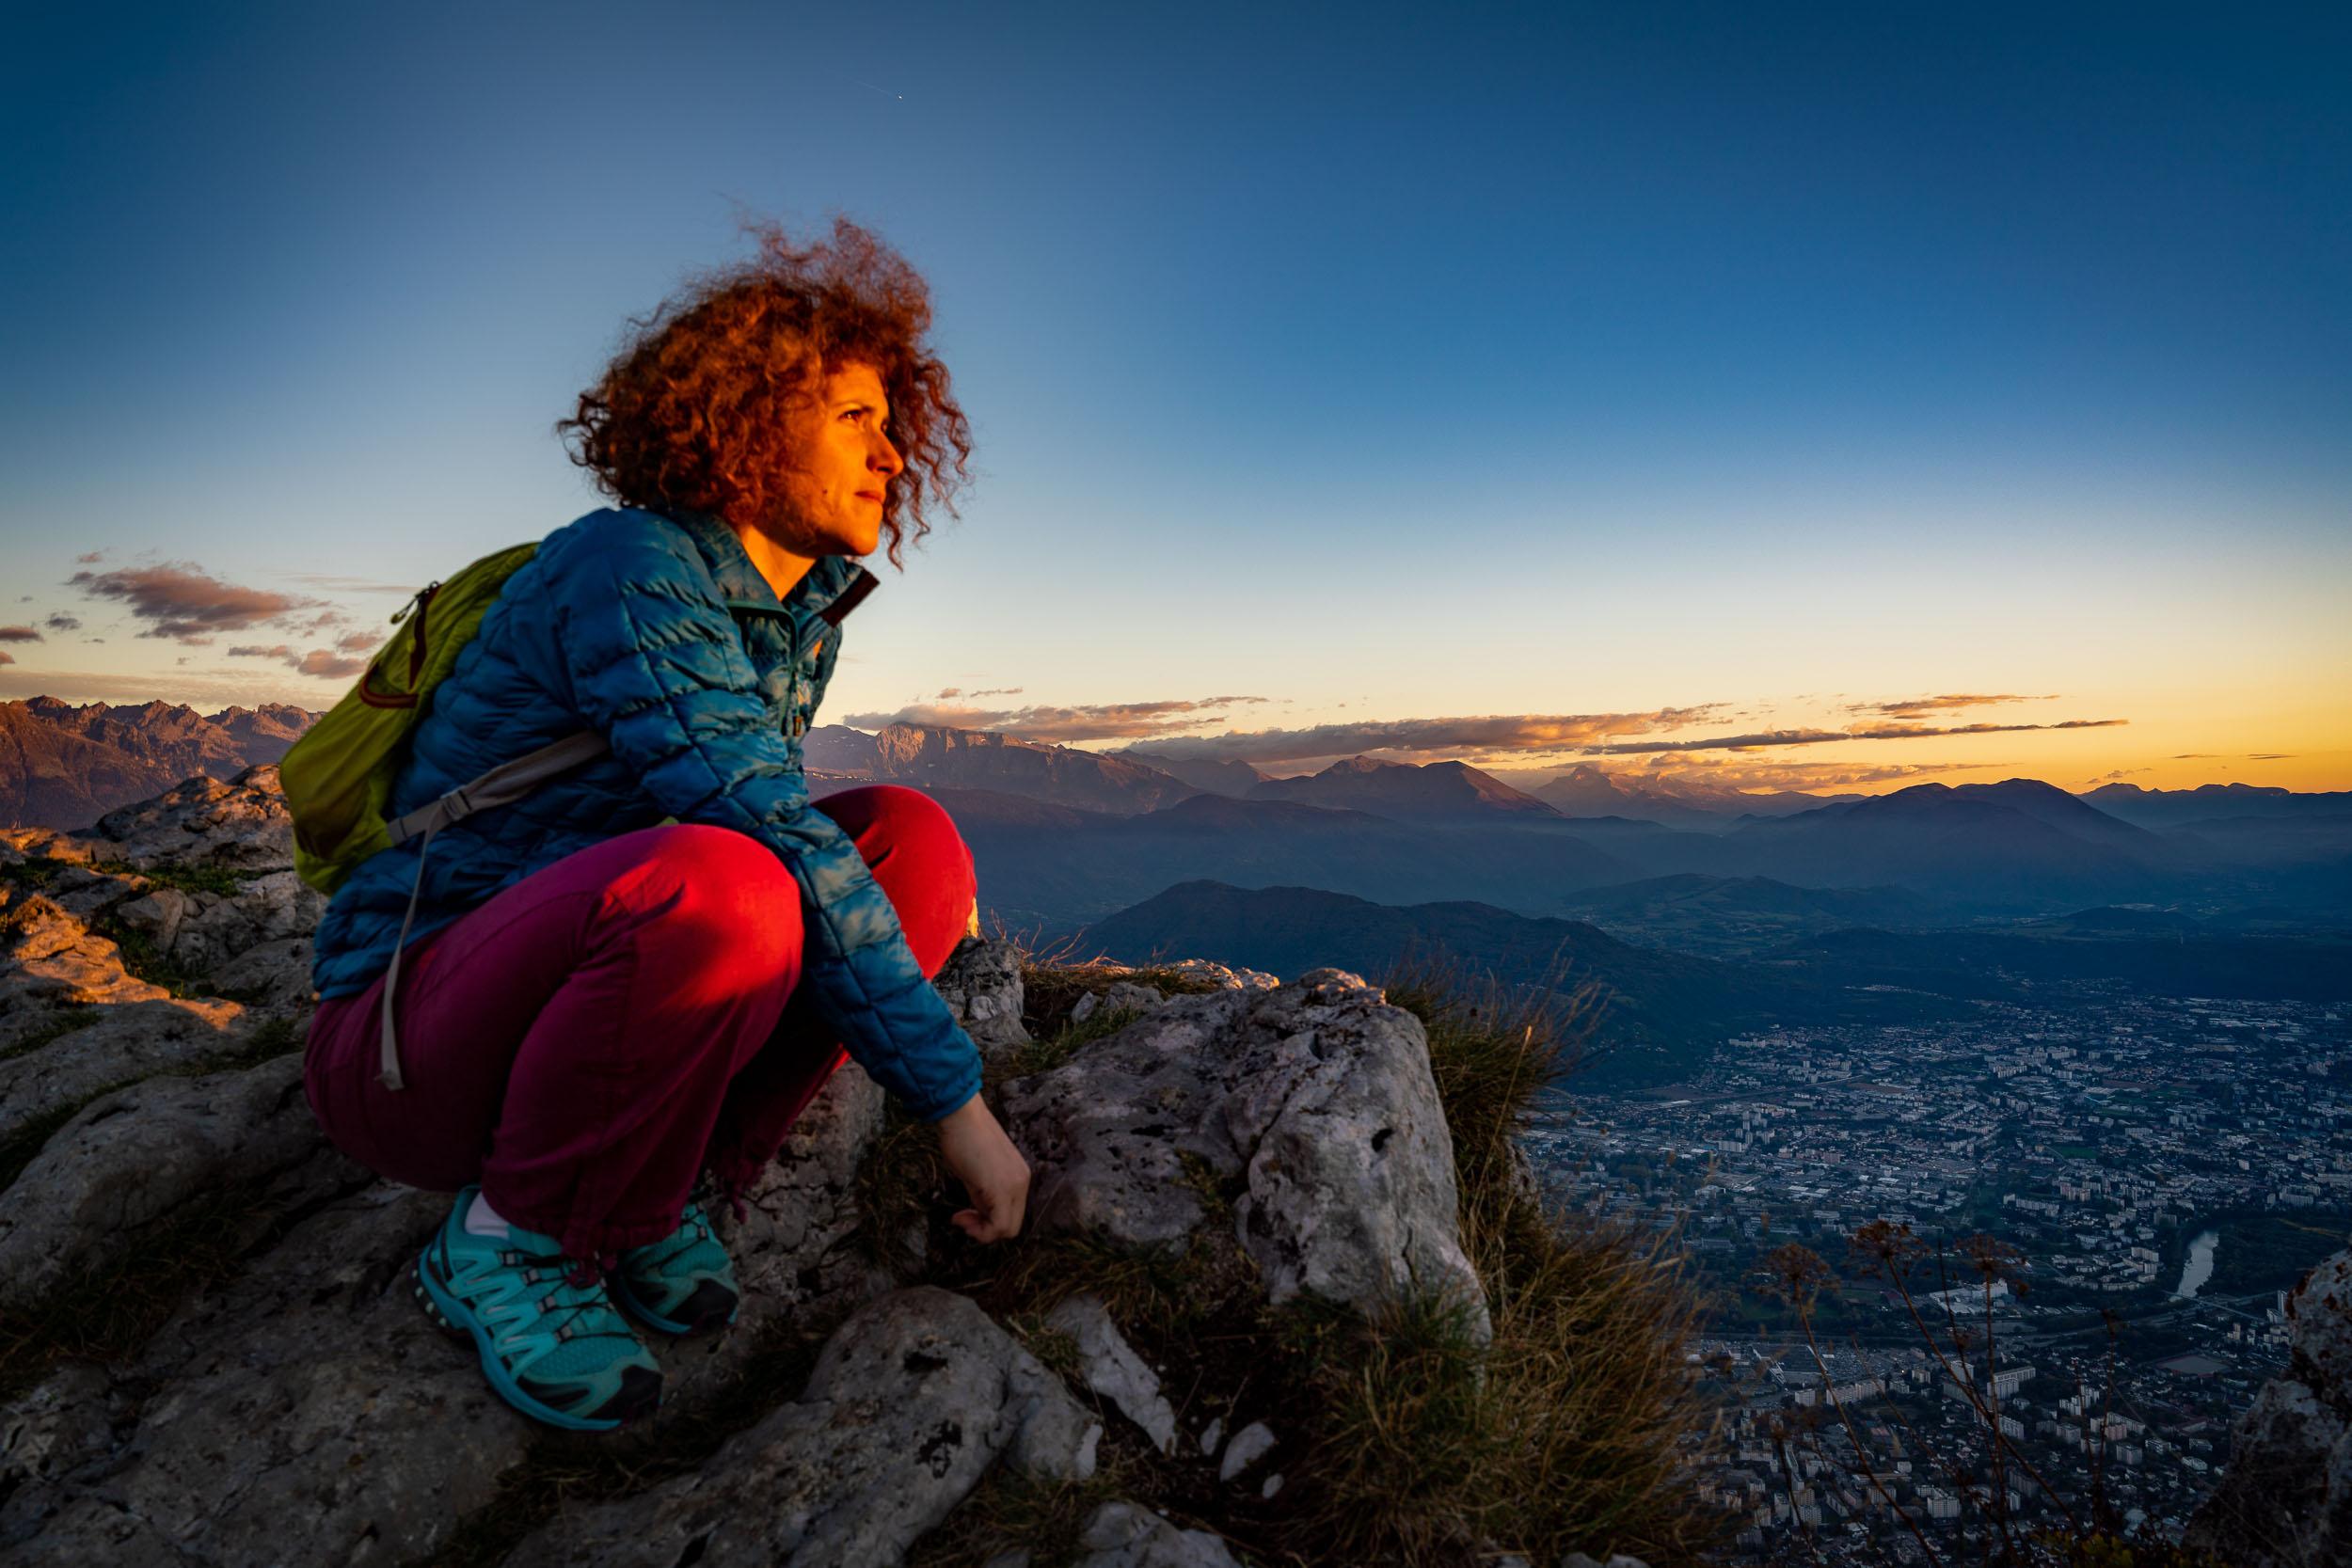 Photographe d'événement en voyage dans les Alpes